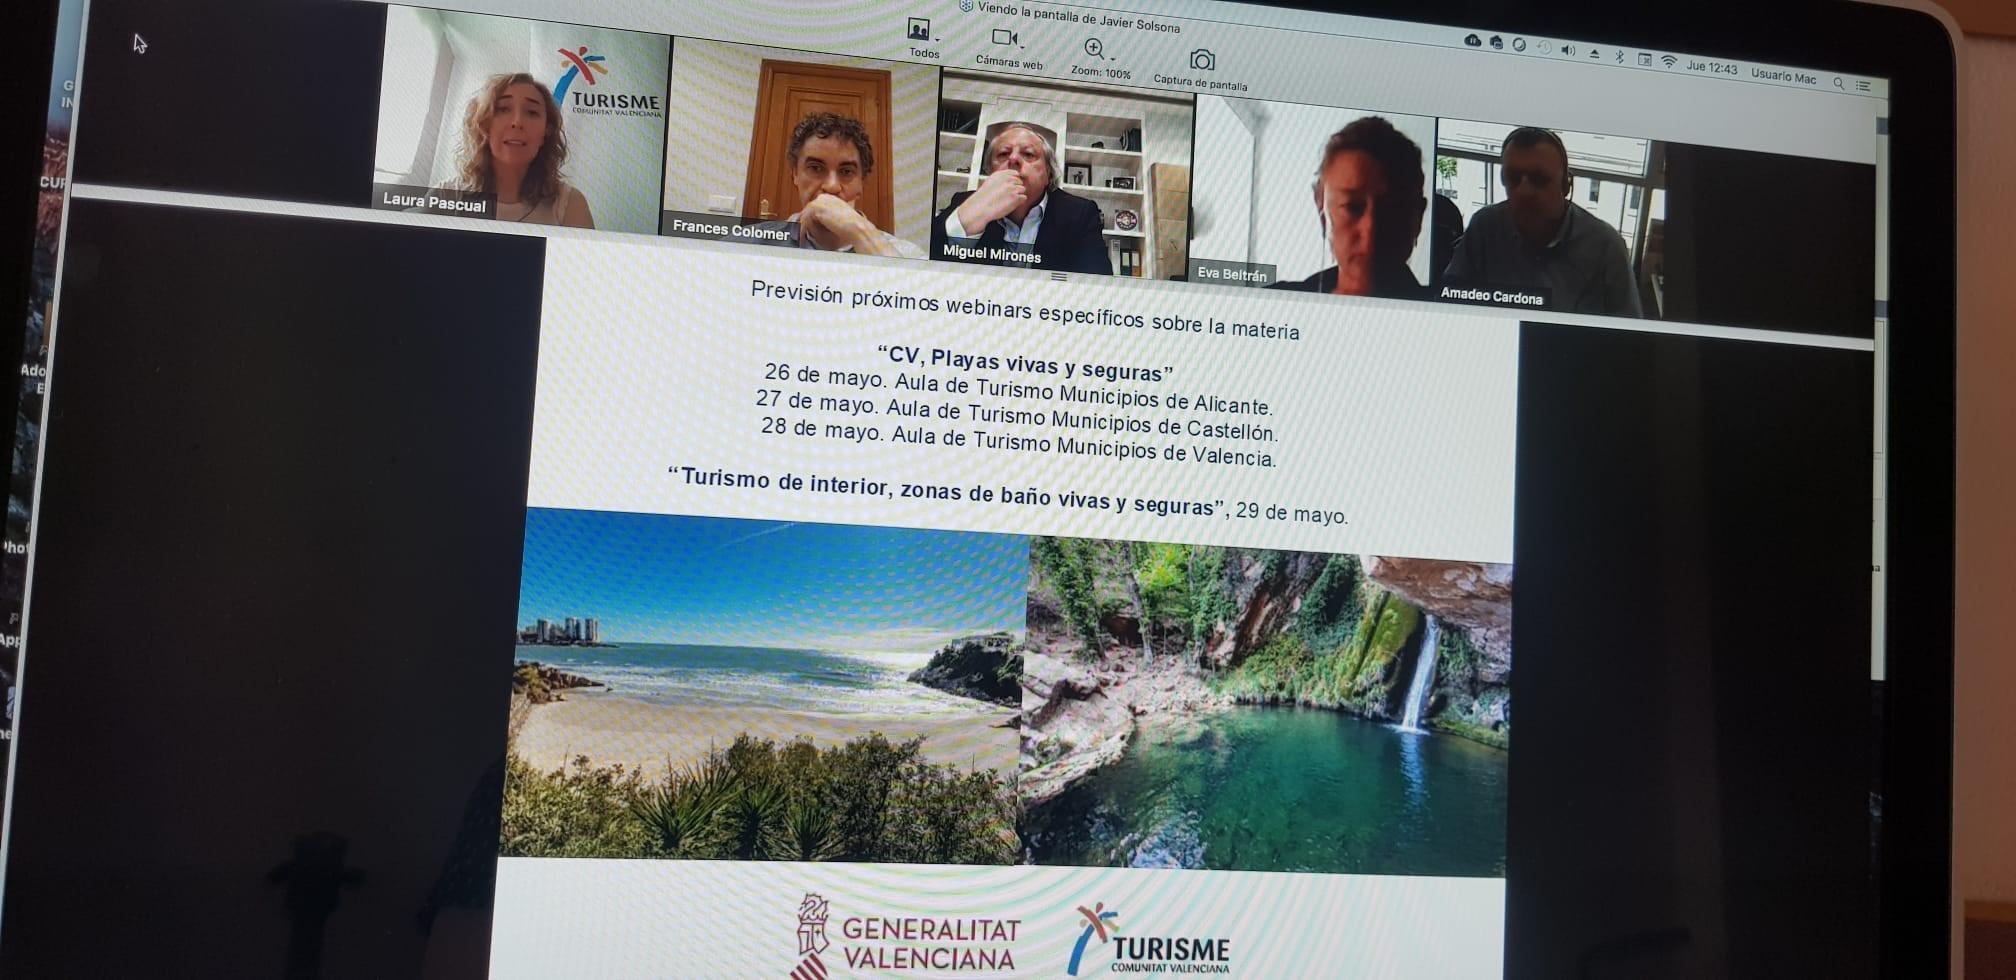 Turisme insta al Instituto para la Calidad Turística y al Gobierno central a aprobar los protocolos de seguridad de las playas que permitan concre...